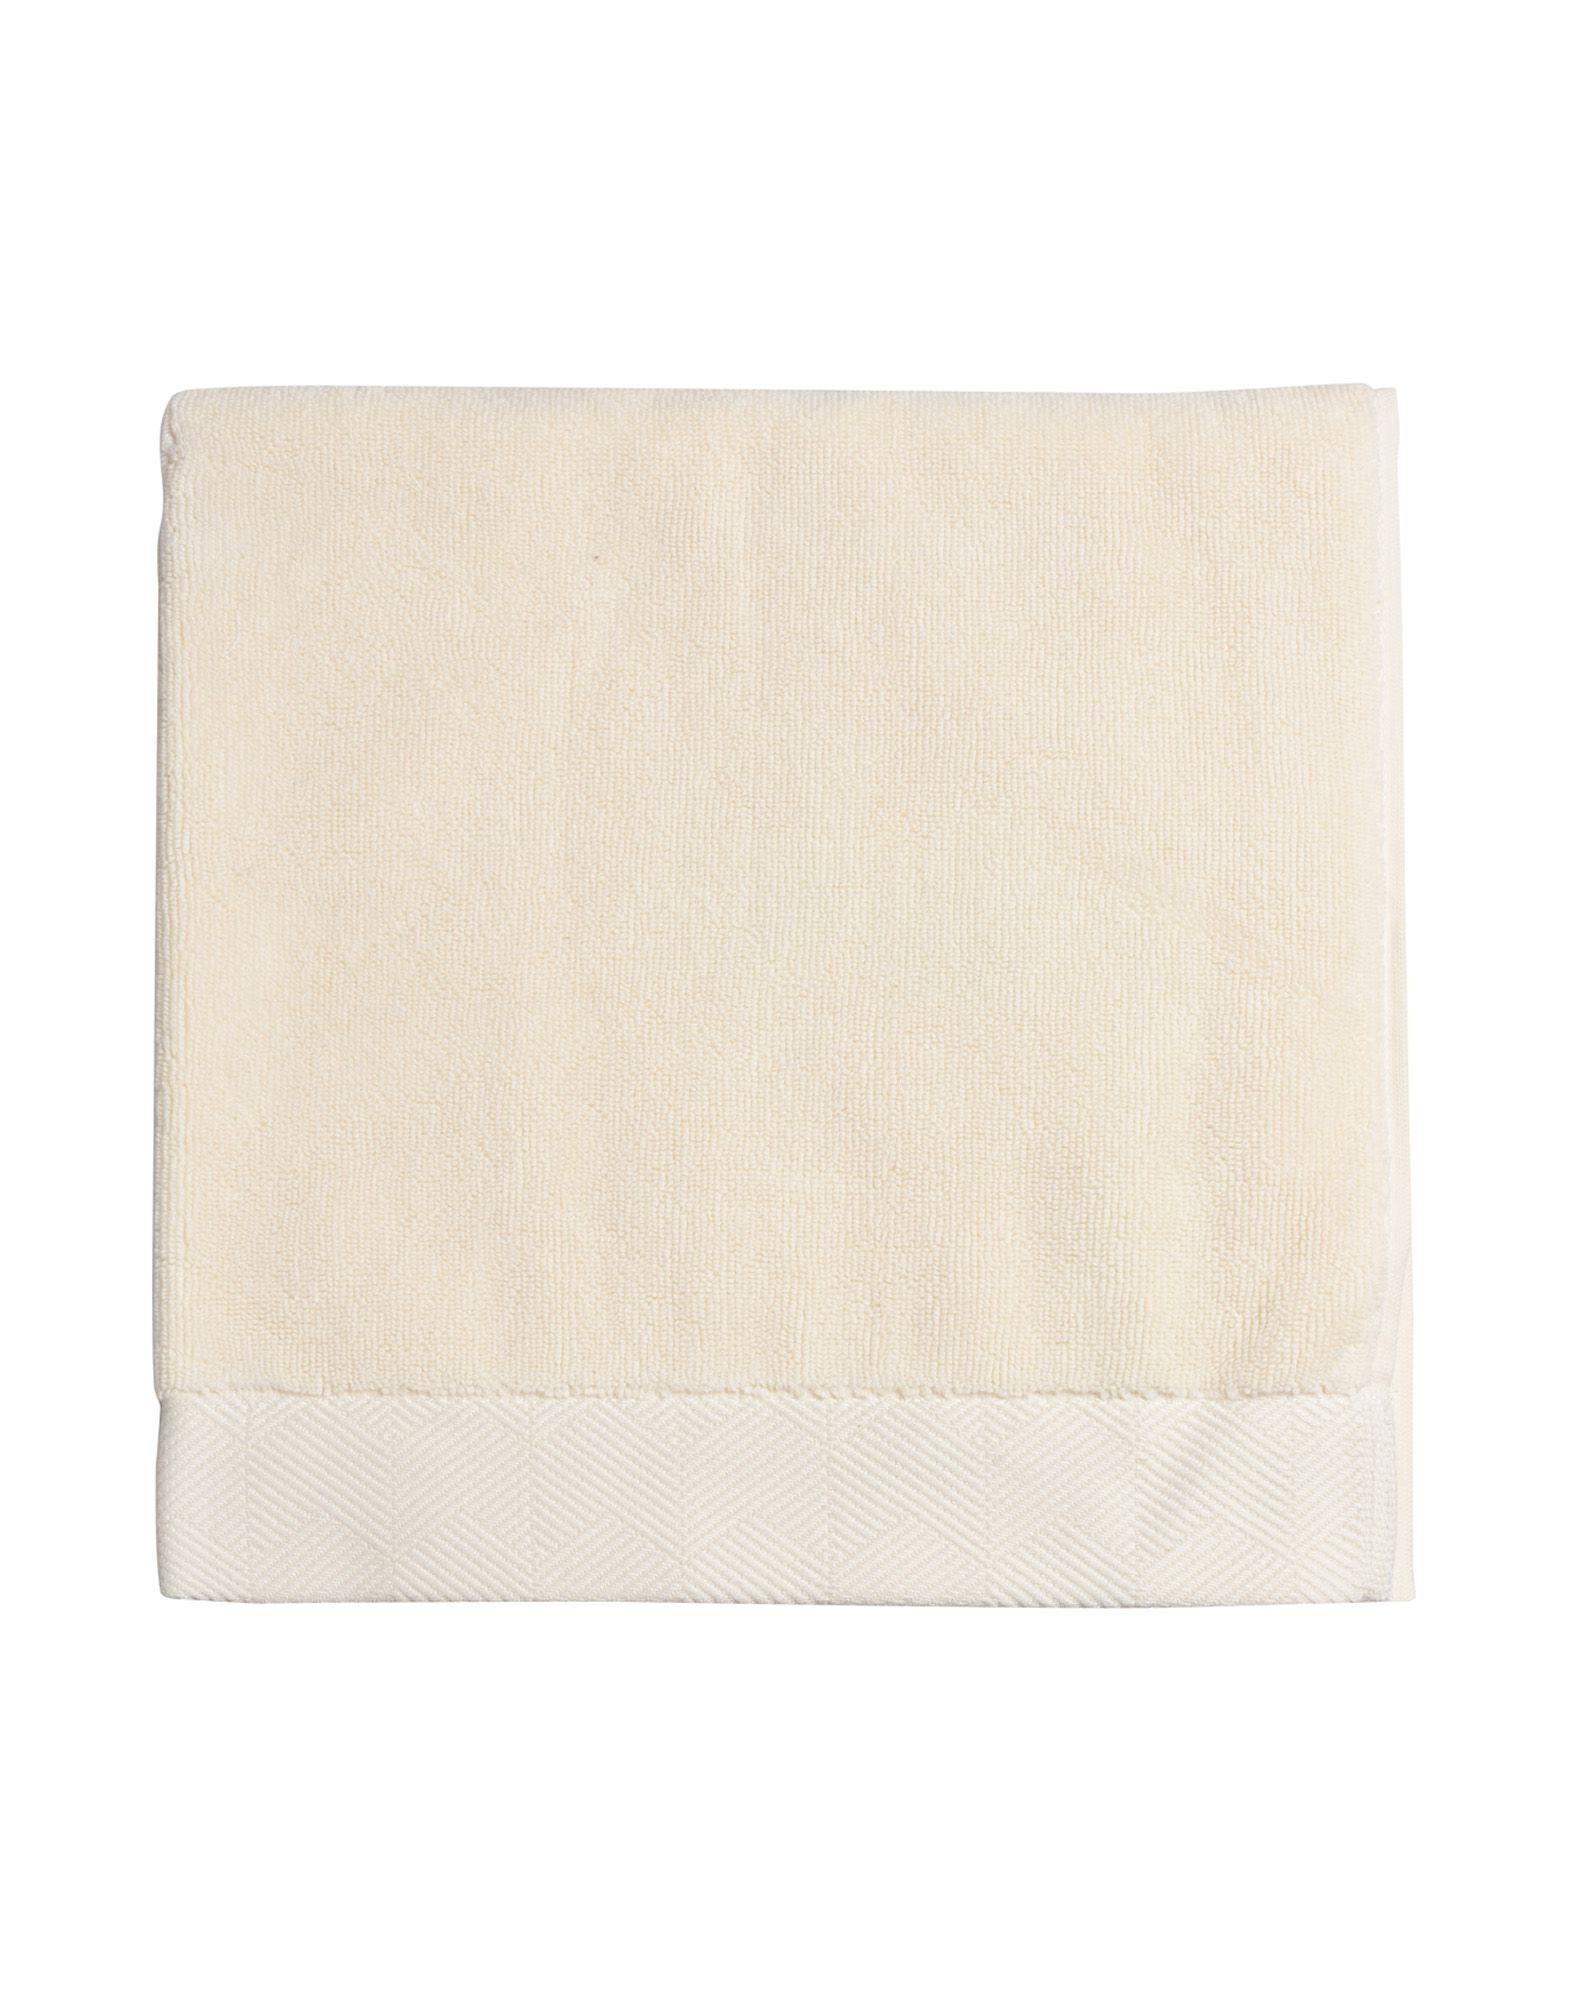 FRETTE Unisex Teppich Farbe Elfenbein Größe 1